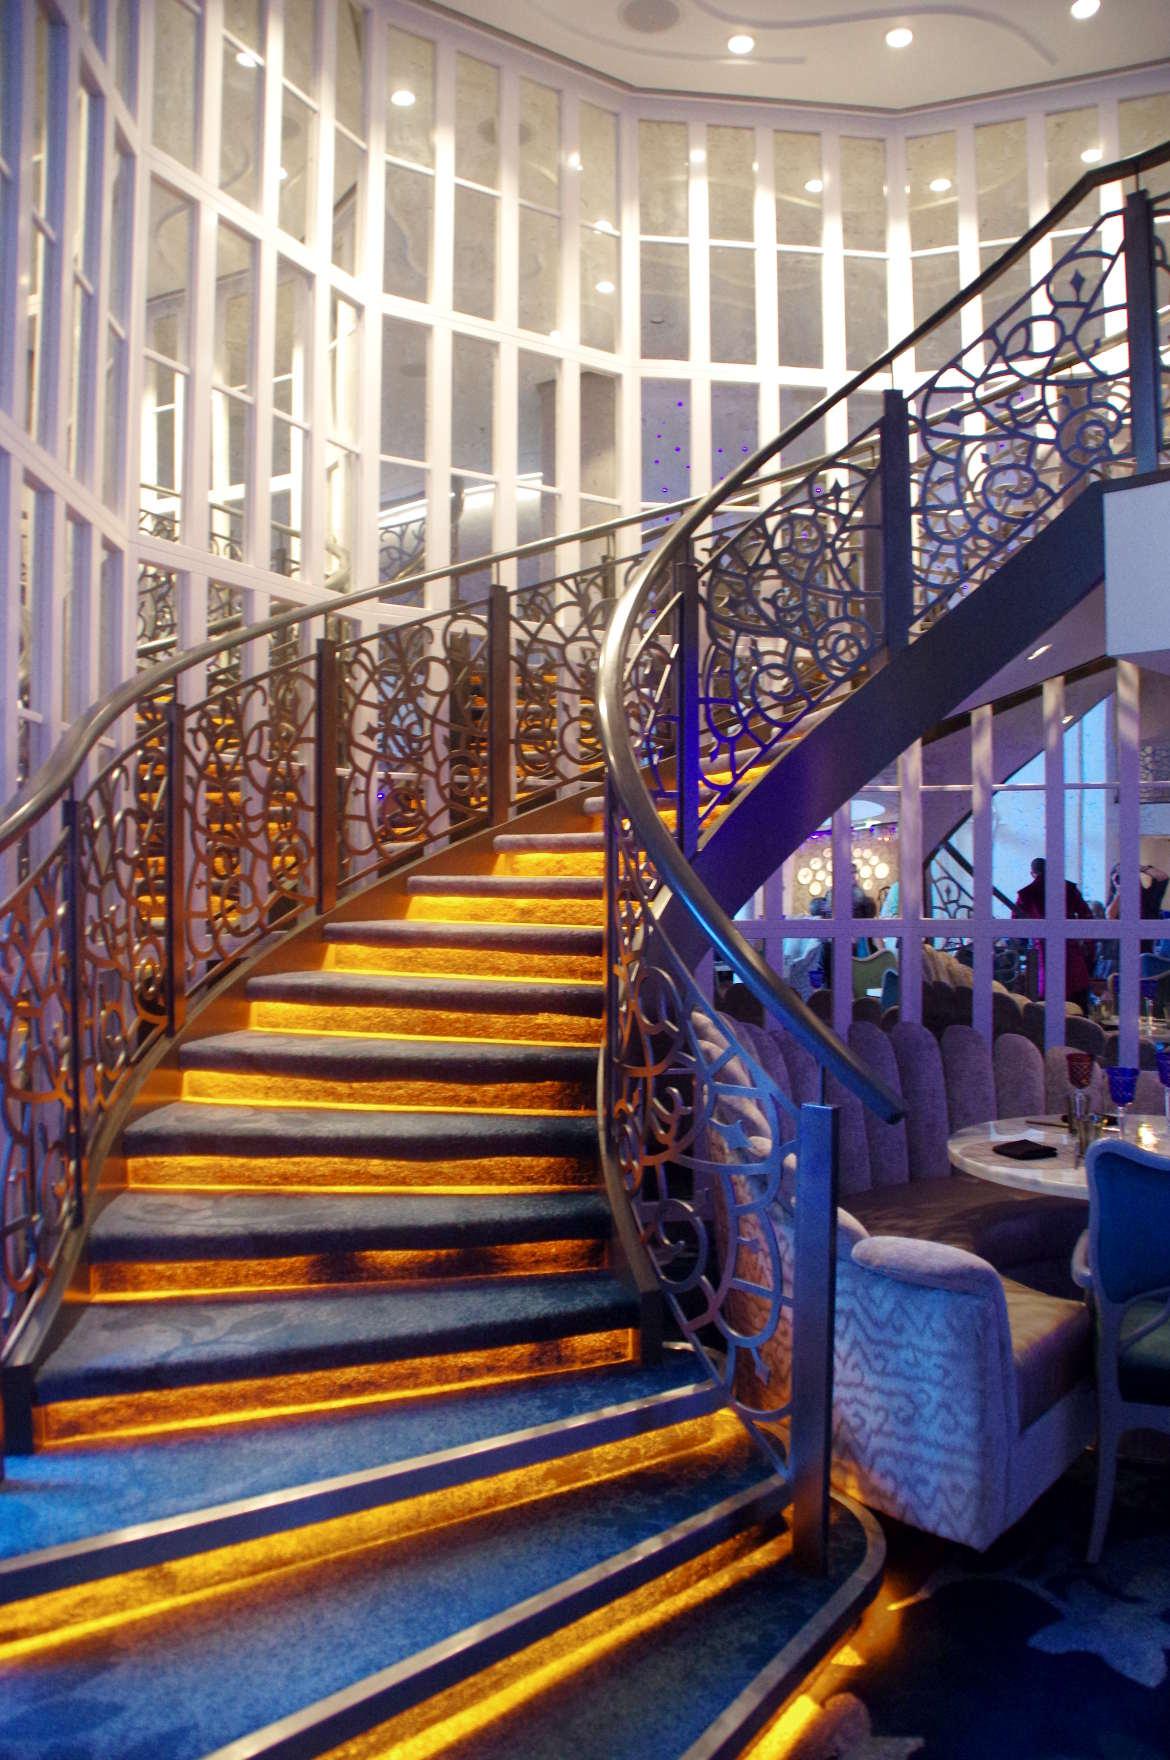 Stairs at Wonderland